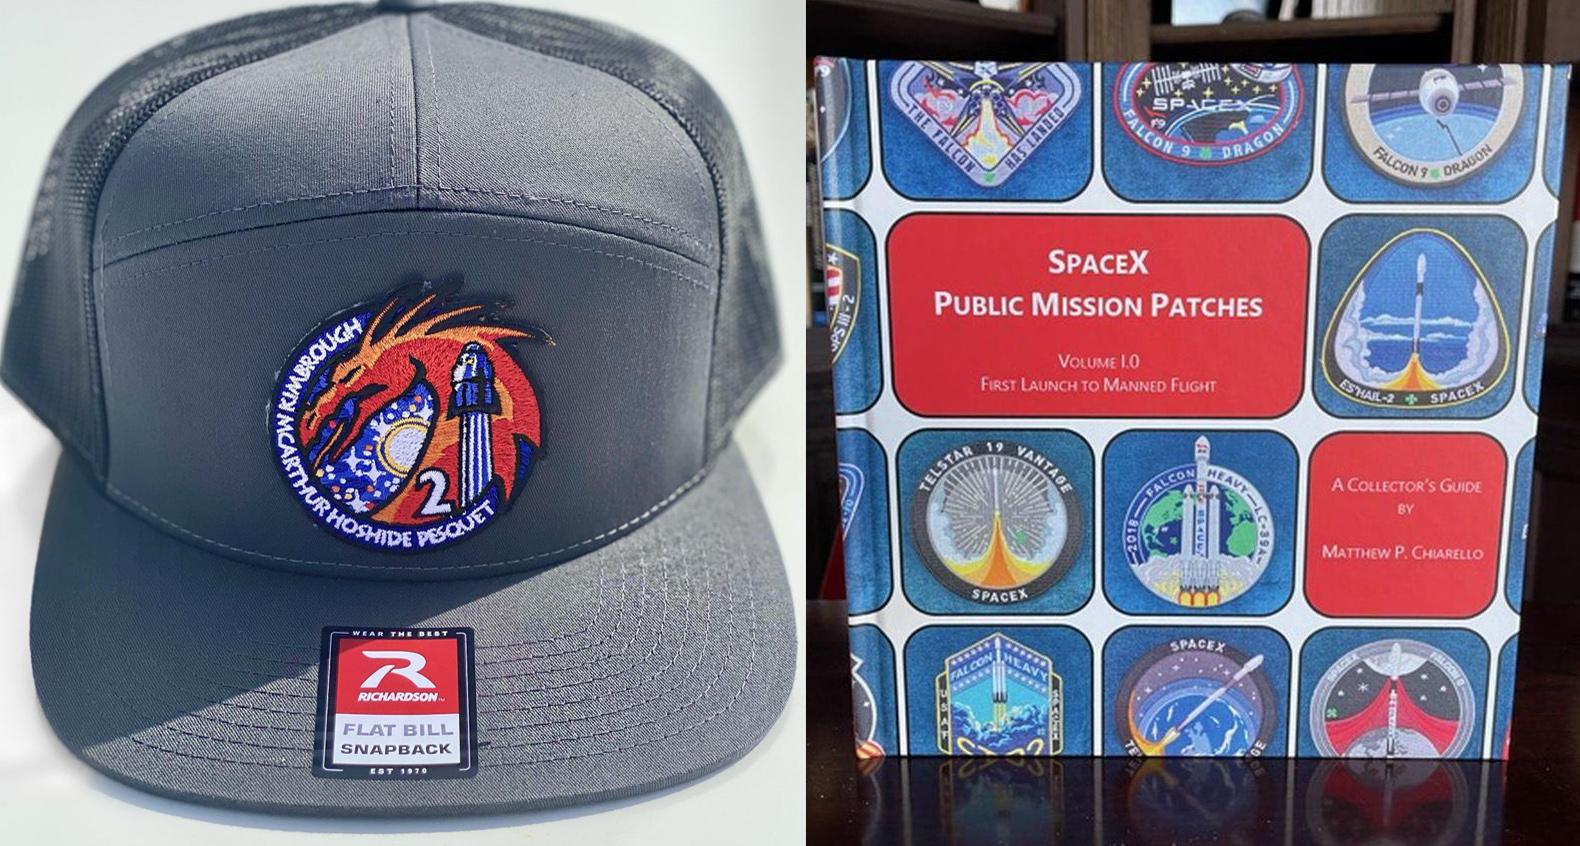 Participez pour gagner un guide de collectionneur de casquettes et d'écussons de mission Spacex Crew-2 dans notre dernier cadeau avec The Space Store!